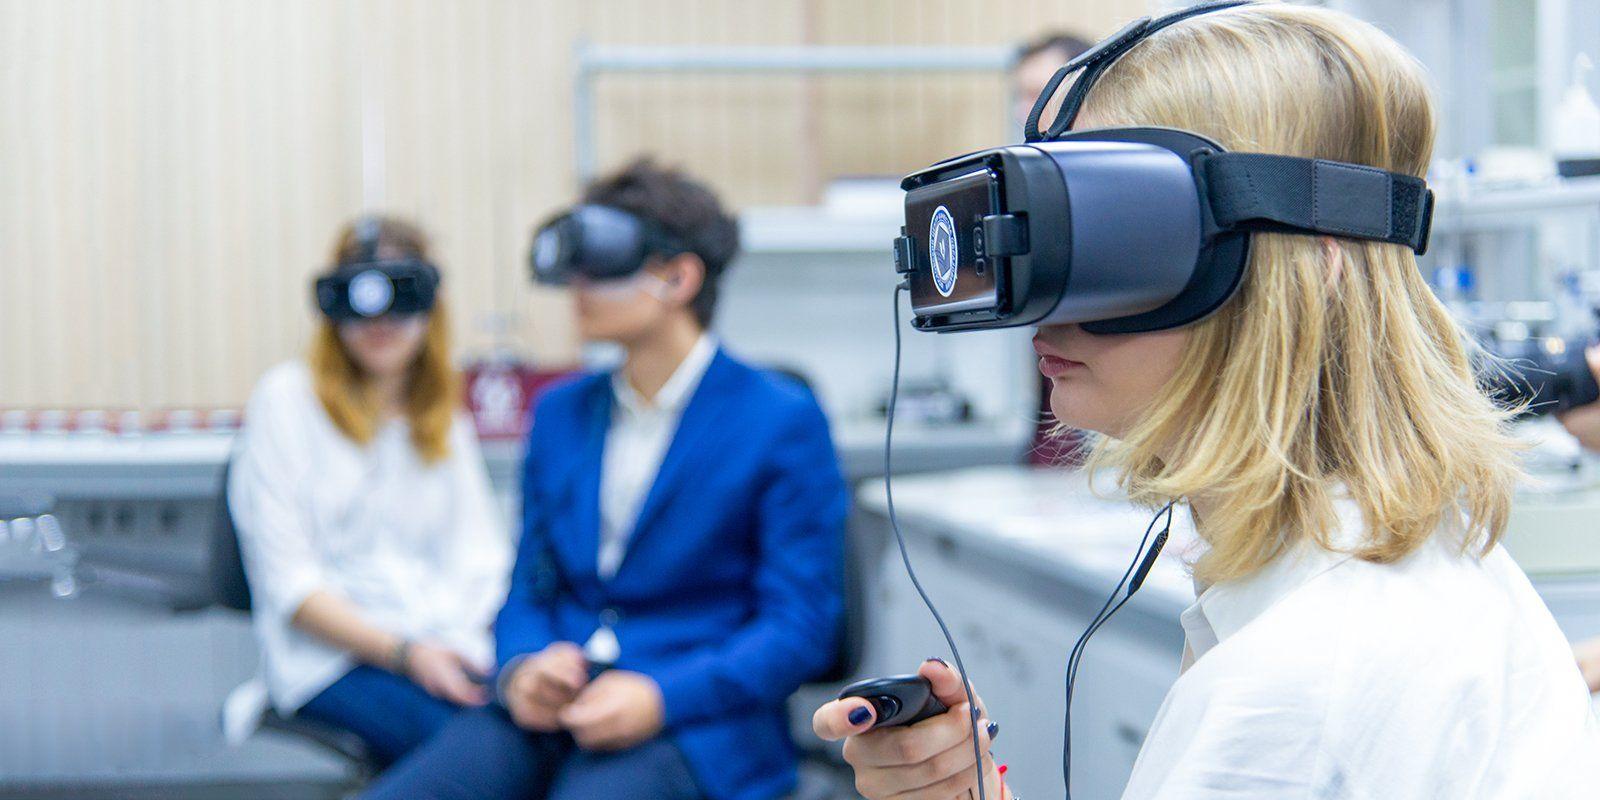 Москвичей пригласили на бесплатные курсы дизайна и цифровых технологий